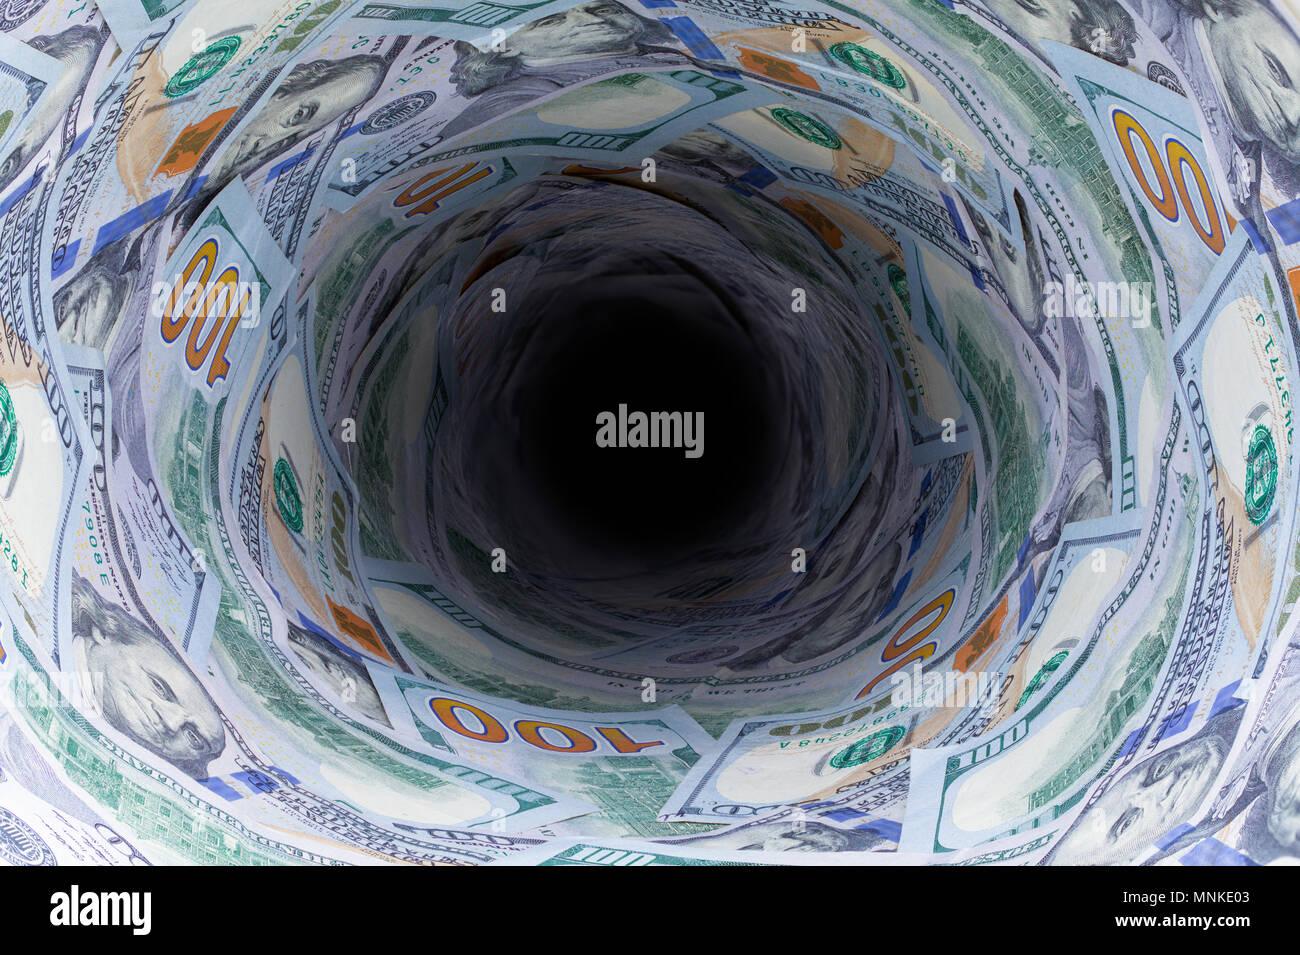 Cent Billets d'un dollar en baisse d'un tuyau de vidange dans l'obscurité. Photo Stock